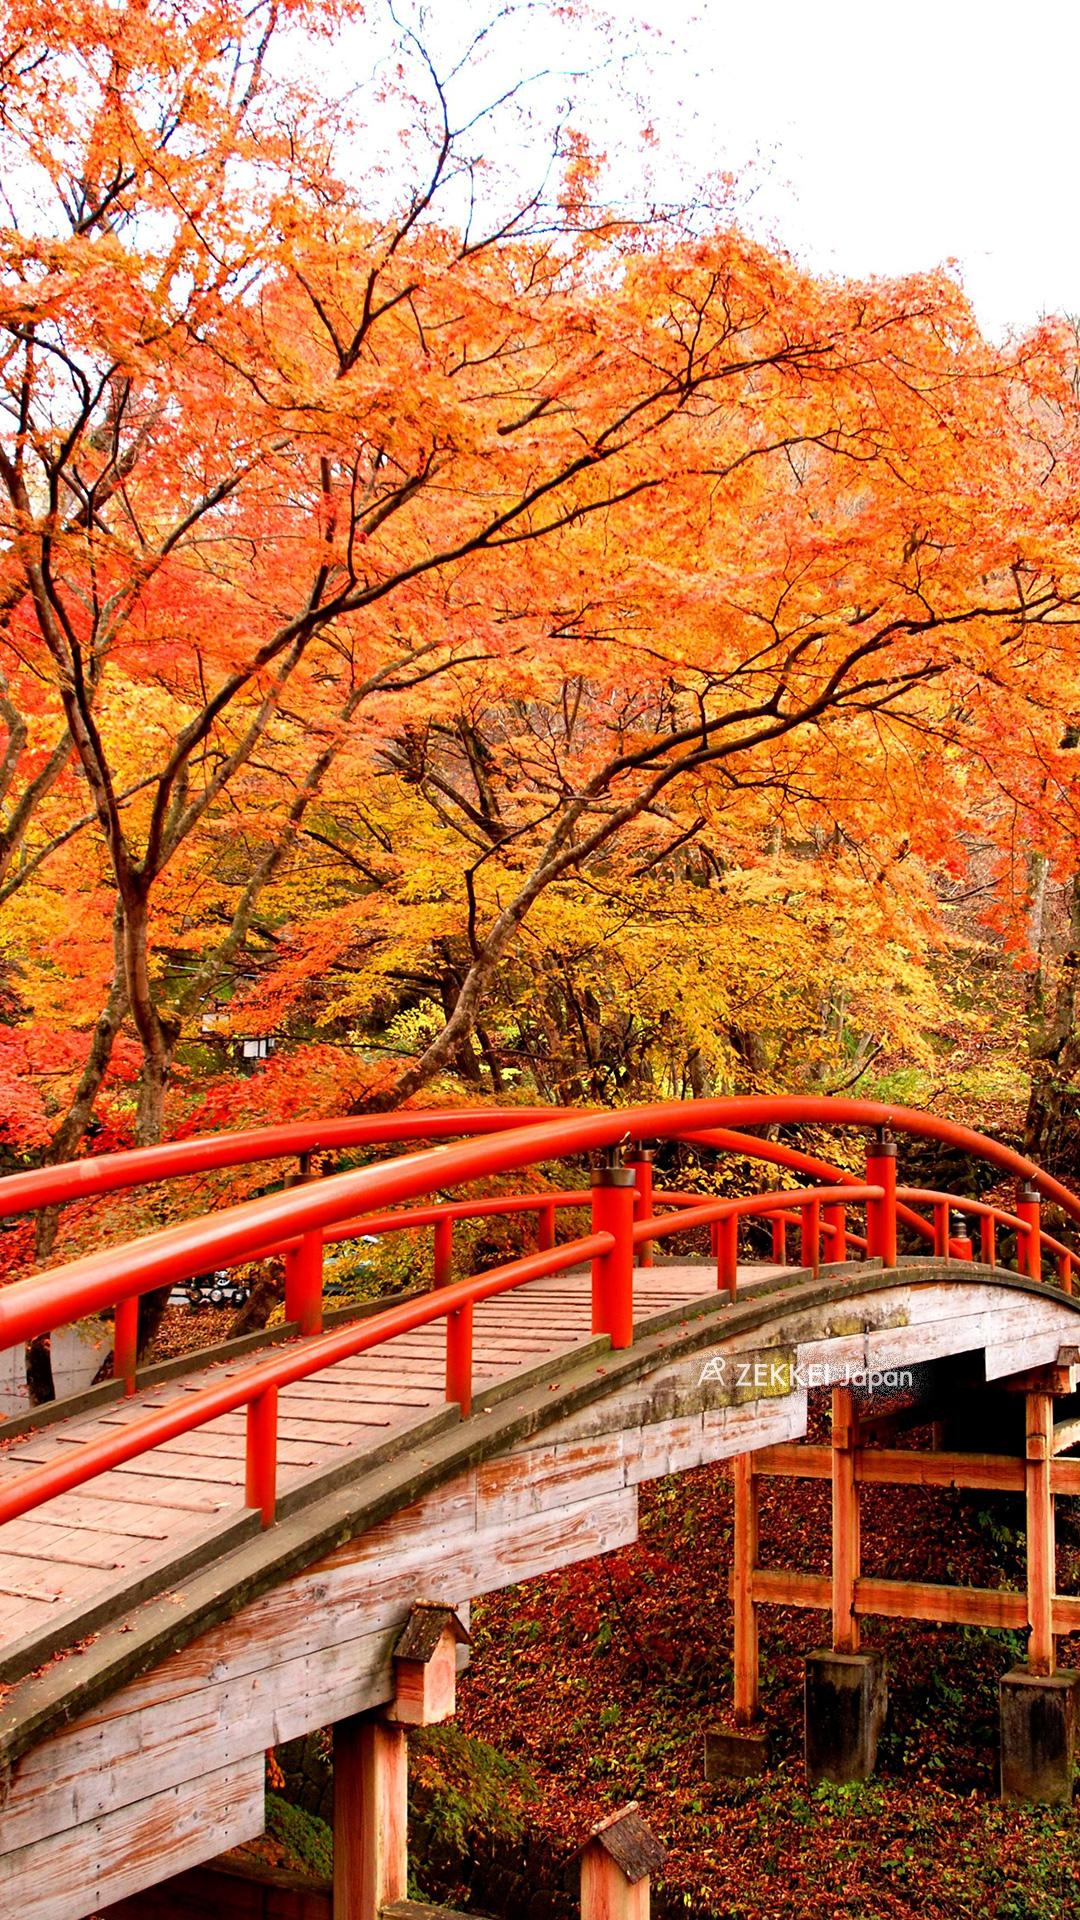 絶景壁紙 色とりどりの紅葉に包まれる 橋 の壁紙を あなたの